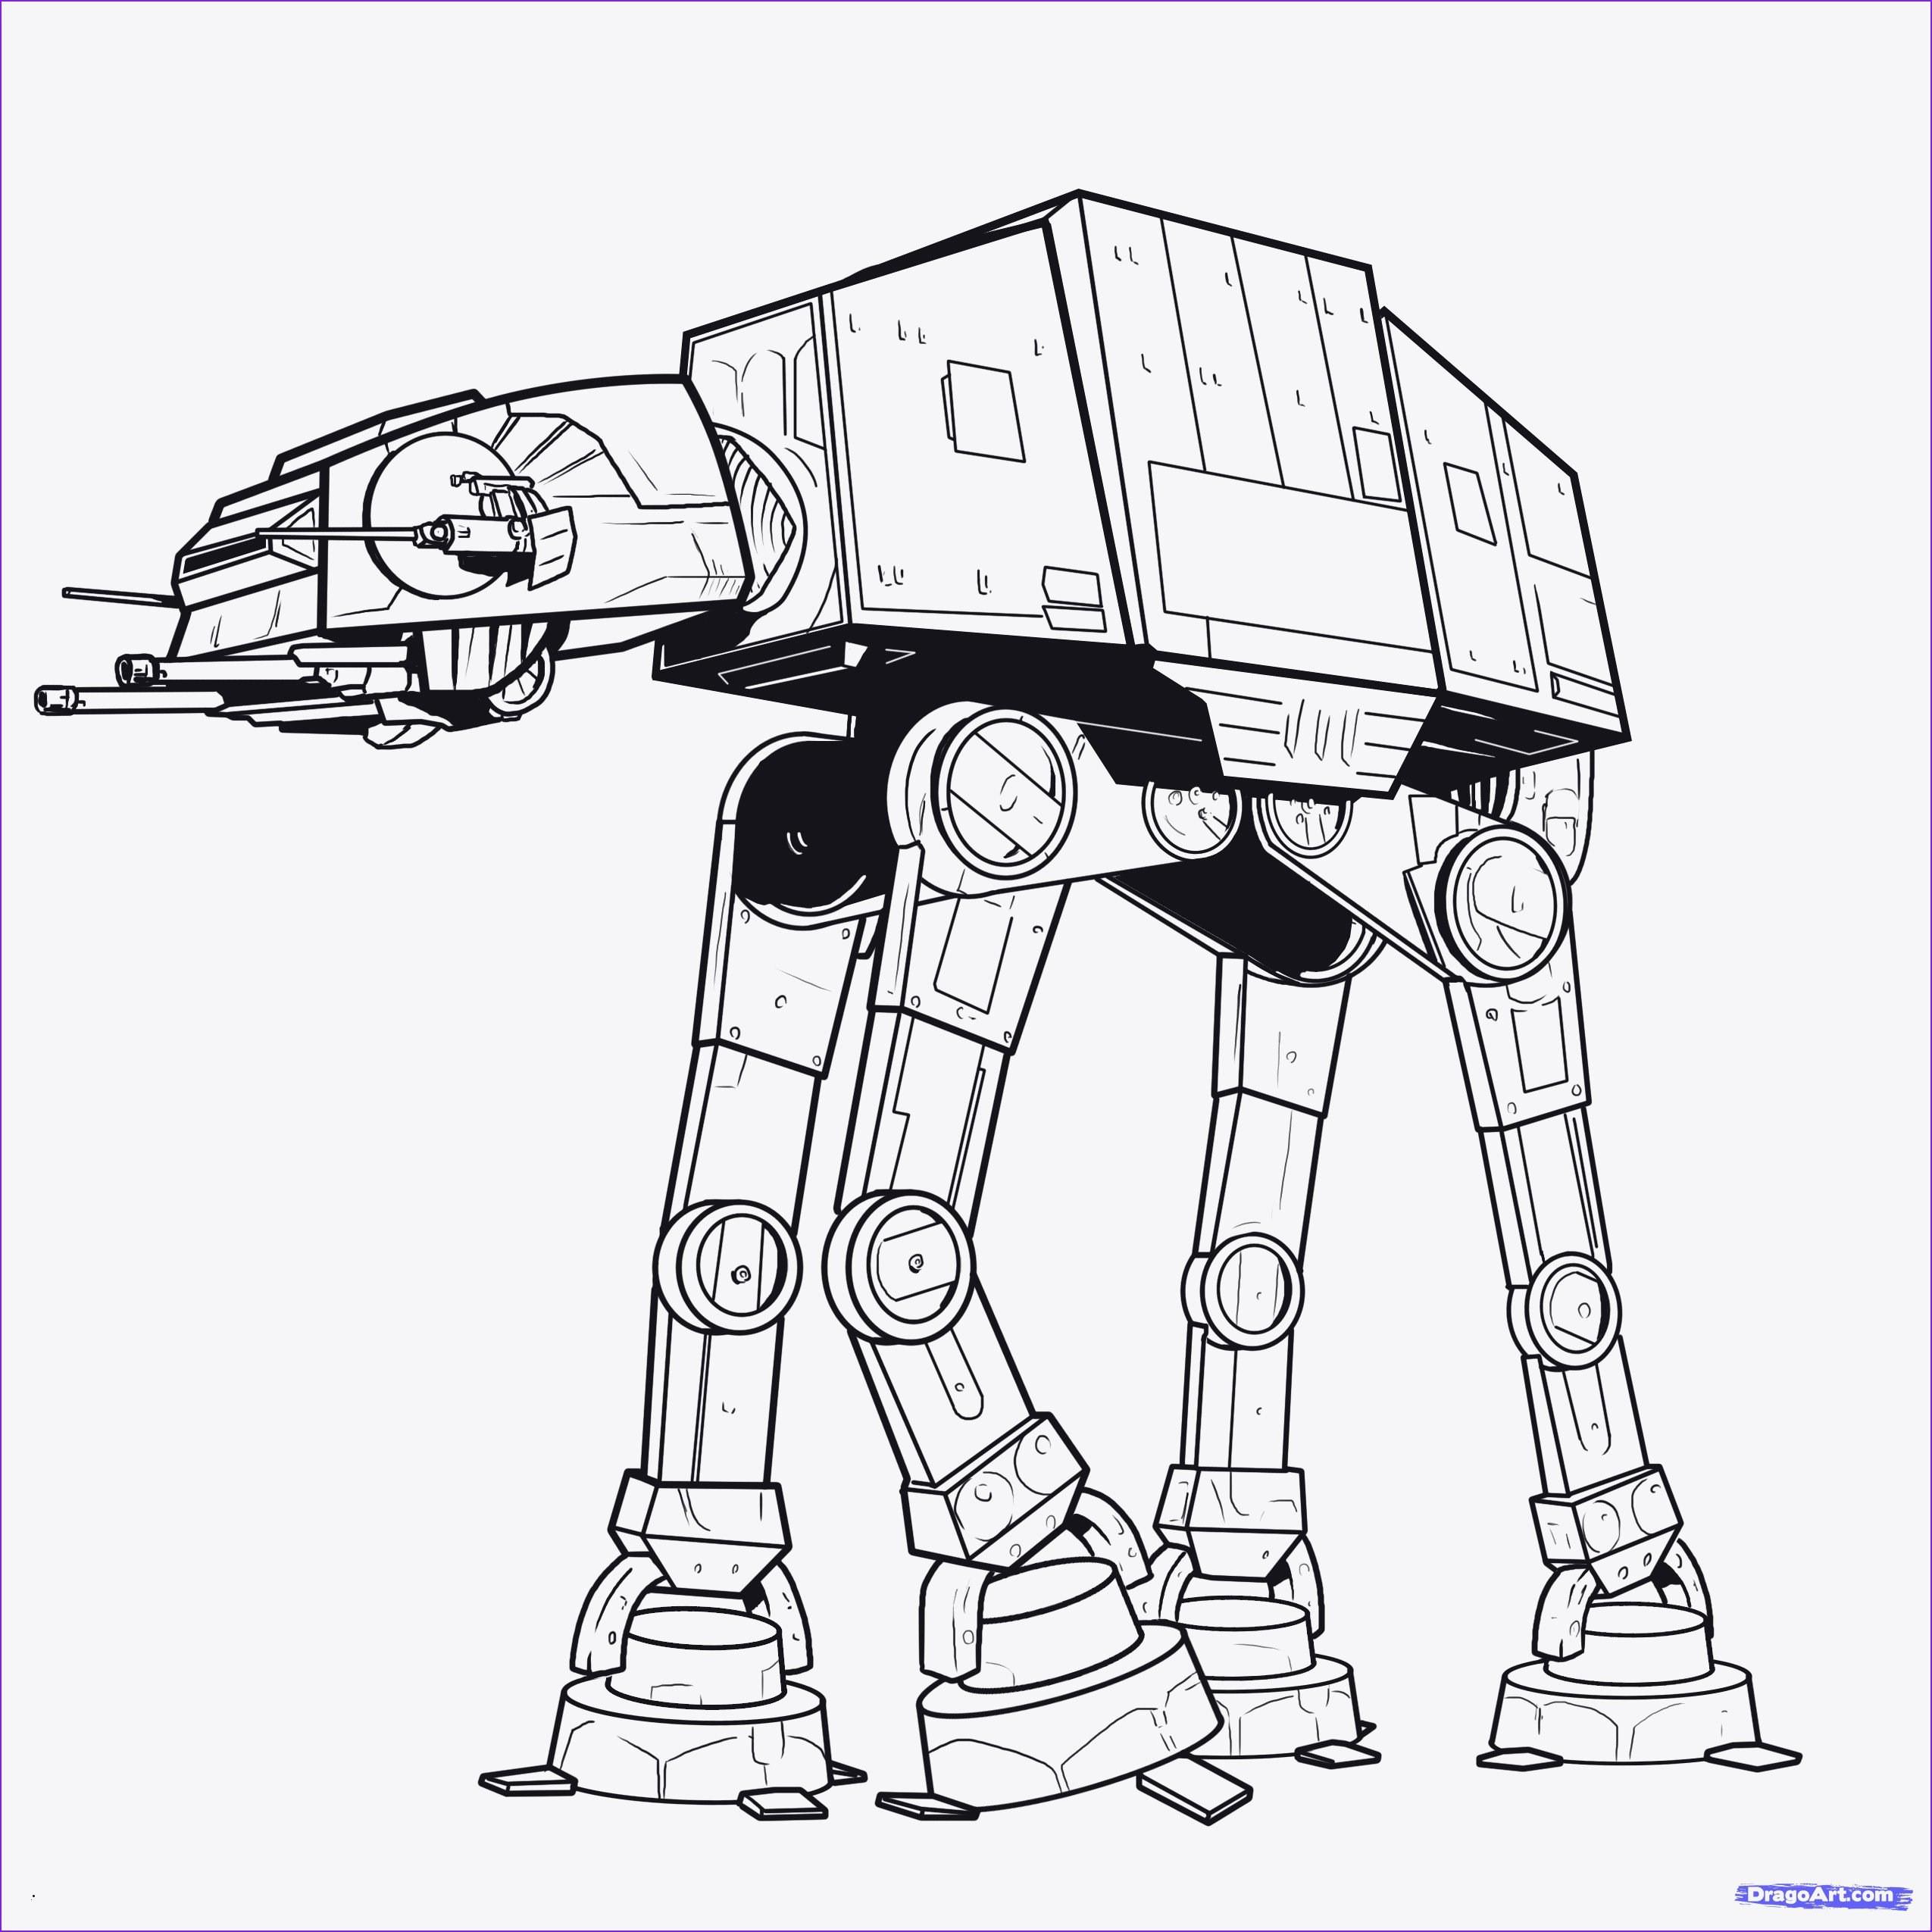 Star Wars Ausmalbilder Darth Maul Einzigartig 40 Inspiration Star Wars Malvorlagen Treehouse Nyc Das Bild